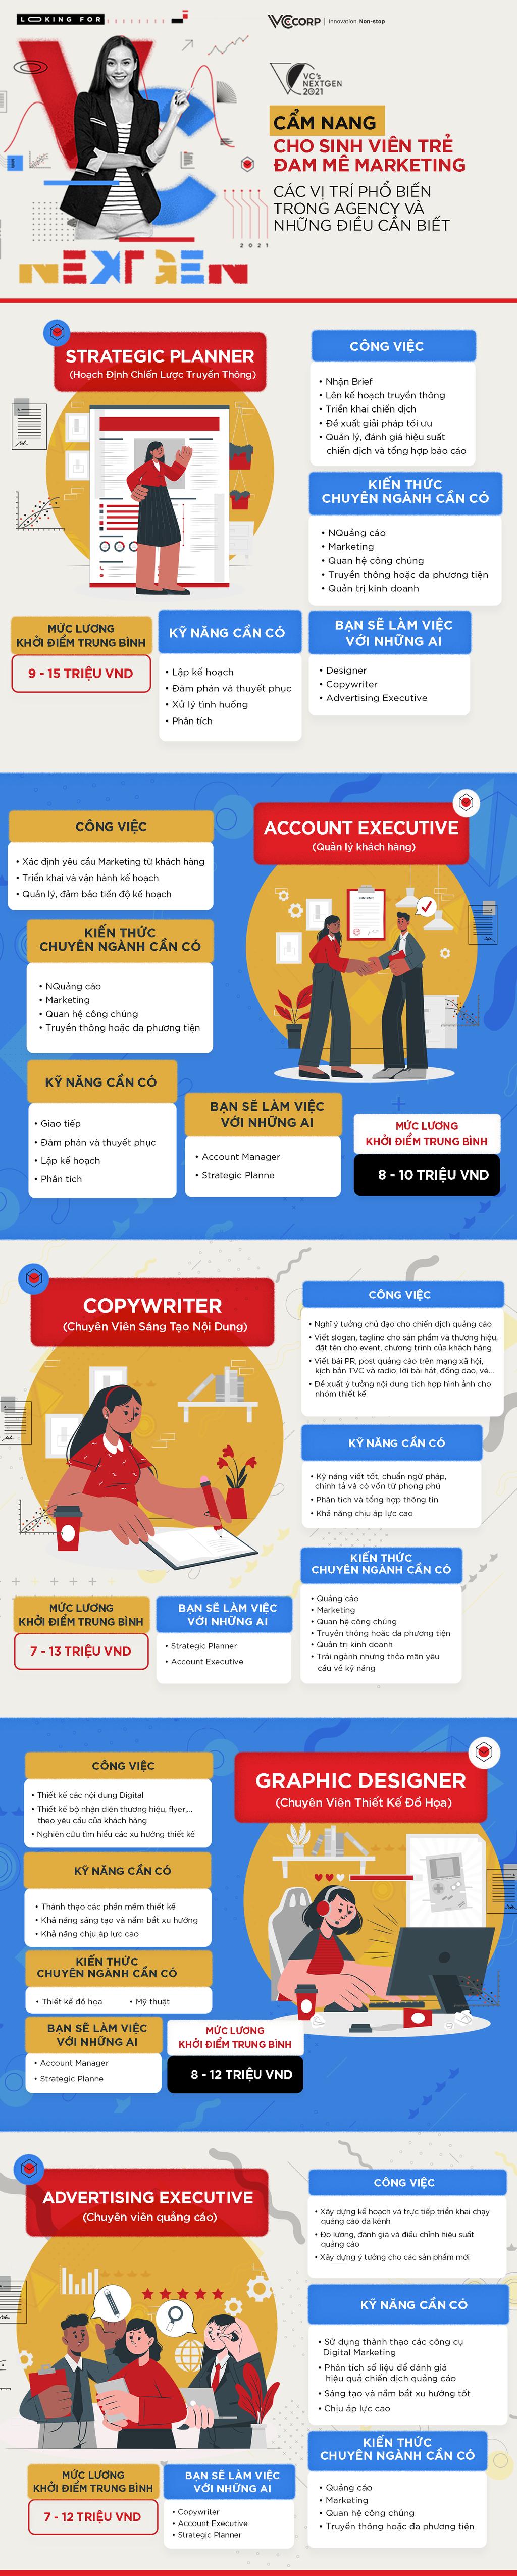 Cẩm nang cho sinh viên trẻ đam mê marketing – Các vị trí phổ biến trong agency và những điều cần biết